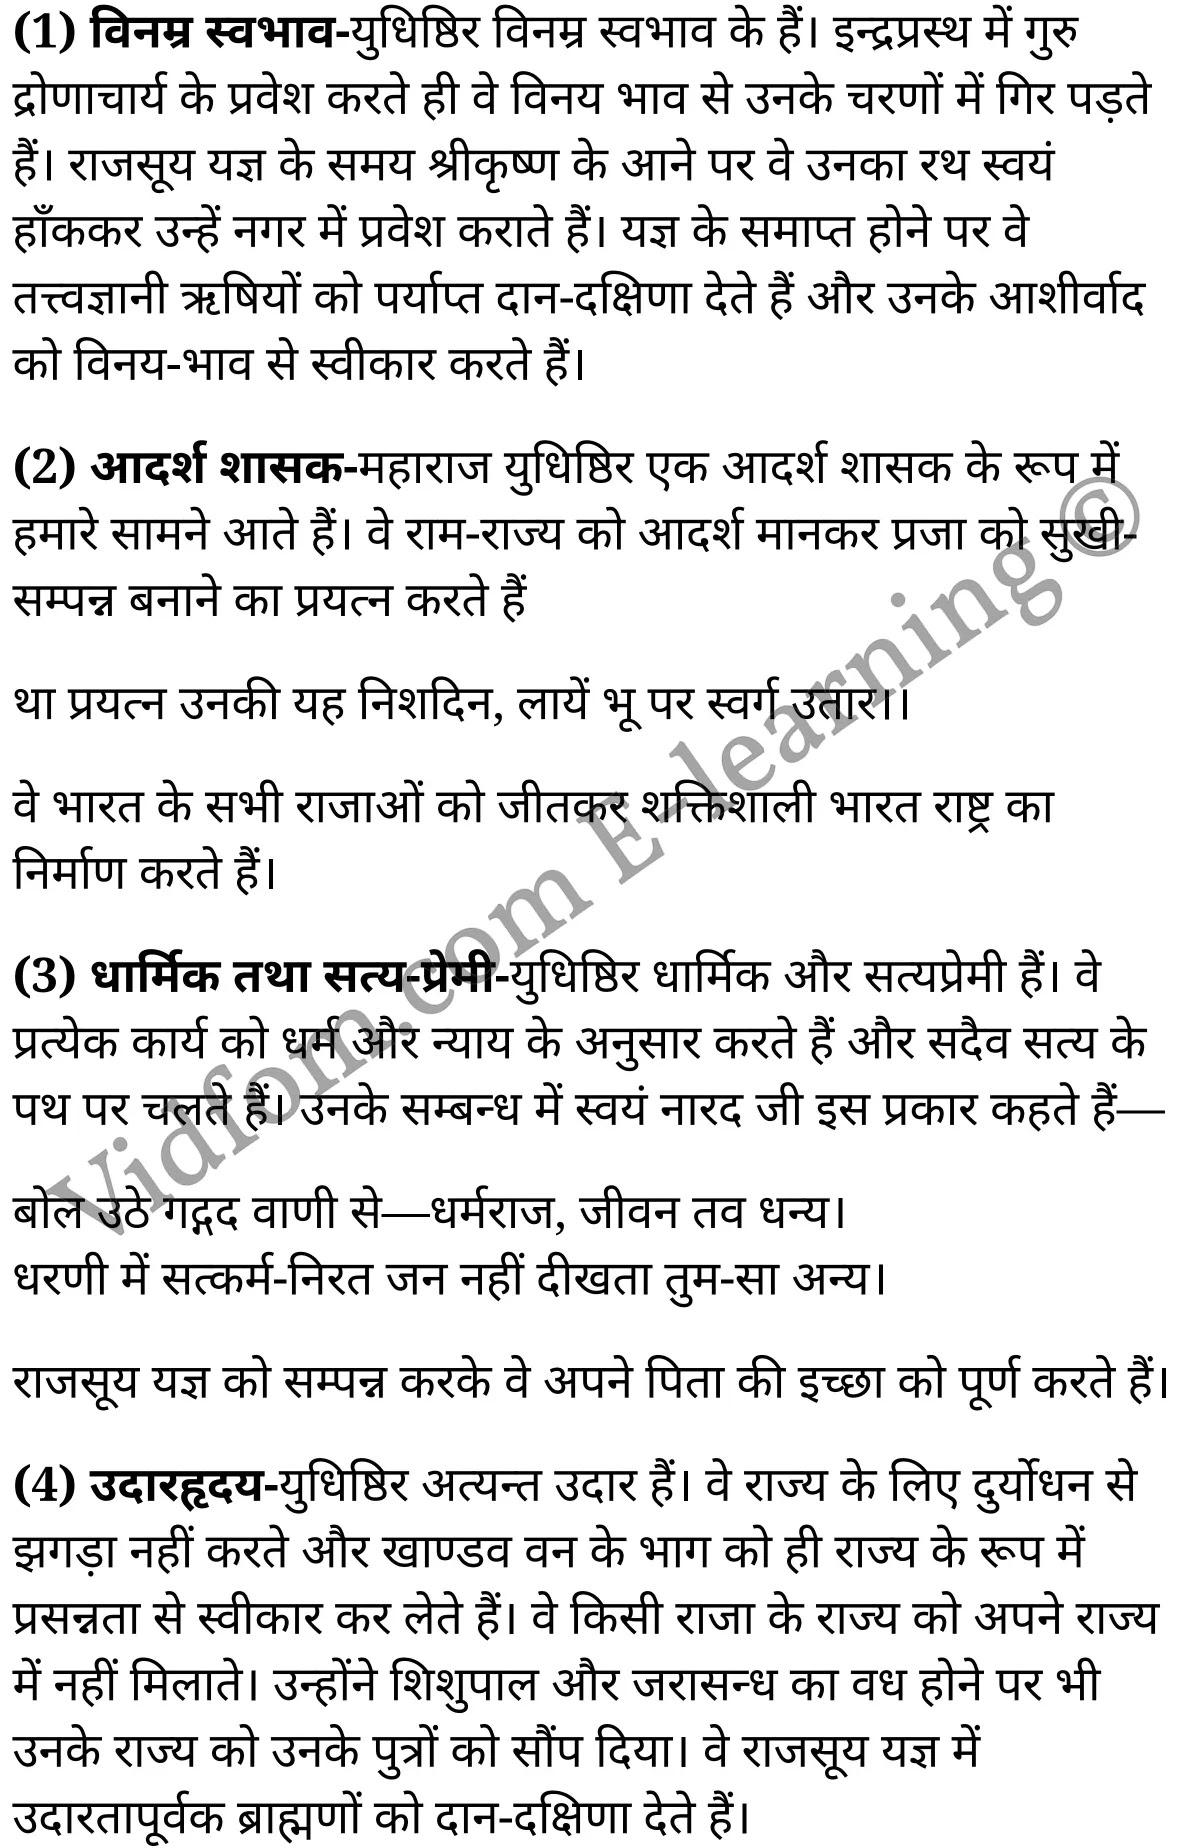 कक्षा 10 हिंदी  के नोट्स  हिंदी में एनसीईआरटी समाधान,     class 10 Hindi khand kaavya Chapter 5,   class 10 Hindi khand kaavya Chapter 5 ncert solutions in Hindi,   class 10 Hindi khand kaavya Chapter 5 notes in hindi,   class 10 Hindi khand kaavya Chapter 5 question answer,   class 10 Hindi khand kaavya Chapter 5 notes,   class 10 Hindi khand kaavya Chapter 5 class 10 Hindi khand kaavya Chapter 5 in  hindi,    class 10 Hindi khand kaavya Chapter 5 important questions in  hindi,   class 10 Hindi khand kaavya Chapter 5 notes in hindi,    class 10 Hindi khand kaavya Chapter 5 test,   class 10 Hindi khand kaavya Chapter 5 pdf,   class 10 Hindi khand kaavya Chapter 5 notes pdf,   class 10 Hindi khand kaavya Chapter 5 exercise solutions,   class 10 Hindi khand kaavya Chapter 5 notes study rankers,   class 10 Hindi khand kaavya Chapter 5 notes,    class 10 Hindi khand kaavya Chapter 5  class 10  notes pdf,   class 10 Hindi khand kaavya Chapter 5 class 10  notes  ncert,   class 10 Hindi khand kaavya Chapter 5 class 10 pdf,   class 10 Hindi khand kaavya Chapter 5  book,   class 10 Hindi khand kaavya Chapter 5 quiz class 10  ,   कक्षा 10 अग्रपूजा,  कक्षा 10 अग्रपूजा  के नोट्स हिंदी में,  कक्षा 10 अग्रपूजा प्रश्न उत्तर,  कक्षा 10 अग्रपूजा के नोट्स,  10 कक्षा अग्रपूजा  हिंदी में, कक्षा 10 अग्रपूजा  हिंदी में,  कक्षा 10 अग्रपूजा  महत्वपूर्ण प्रश्न हिंदी में, कक्षा 10 हिंदी के नोट्स  हिंदी में, अग्रपूजा हिंदी में कक्षा 10 नोट्स pdf,    अग्रपूजा हिंदी में  कक्षा 10 नोट्स 2021 ncert,   अग्रपूजा हिंदी  कक्षा 10 pdf,   अग्रपूजा हिंदी में  पुस्तक,   अग्रपूजा हिंदी में की बुक,   अग्रपूजा हिंदी में  प्रश्नोत्तरी class 10 ,  10   वीं अग्रपूजा  पुस्तक up board,   बिहार बोर्ड 10  पुस्तक वीं अग्रपूजा नोट्स,    अग्रपूजा  कक्षा 10 नोट्स 2021 ncert,   अग्रपूजा  कक्षा 10 pdf,   अग्रपूजा  पुस्तक,   अग्रपूजा की बुक,   अग्रपूजा प्रश्नोत्तरी class 10,   10  th class 10 Hindi khand kaavya Chapter 5  book up board,   up board 10  th class 10 Hindi khand kaavya Chapter 5 notes,  class 10 Hindi,   cla